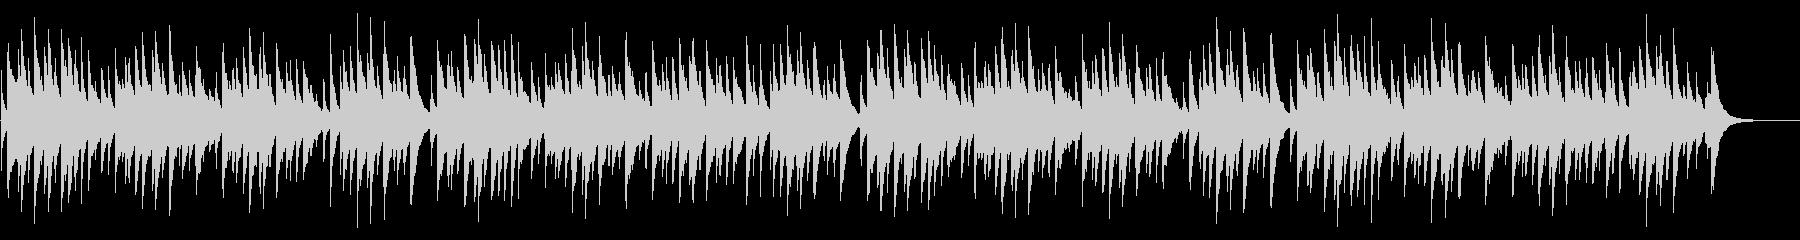 蛍の光 72弁オルゴールの未再生の波形